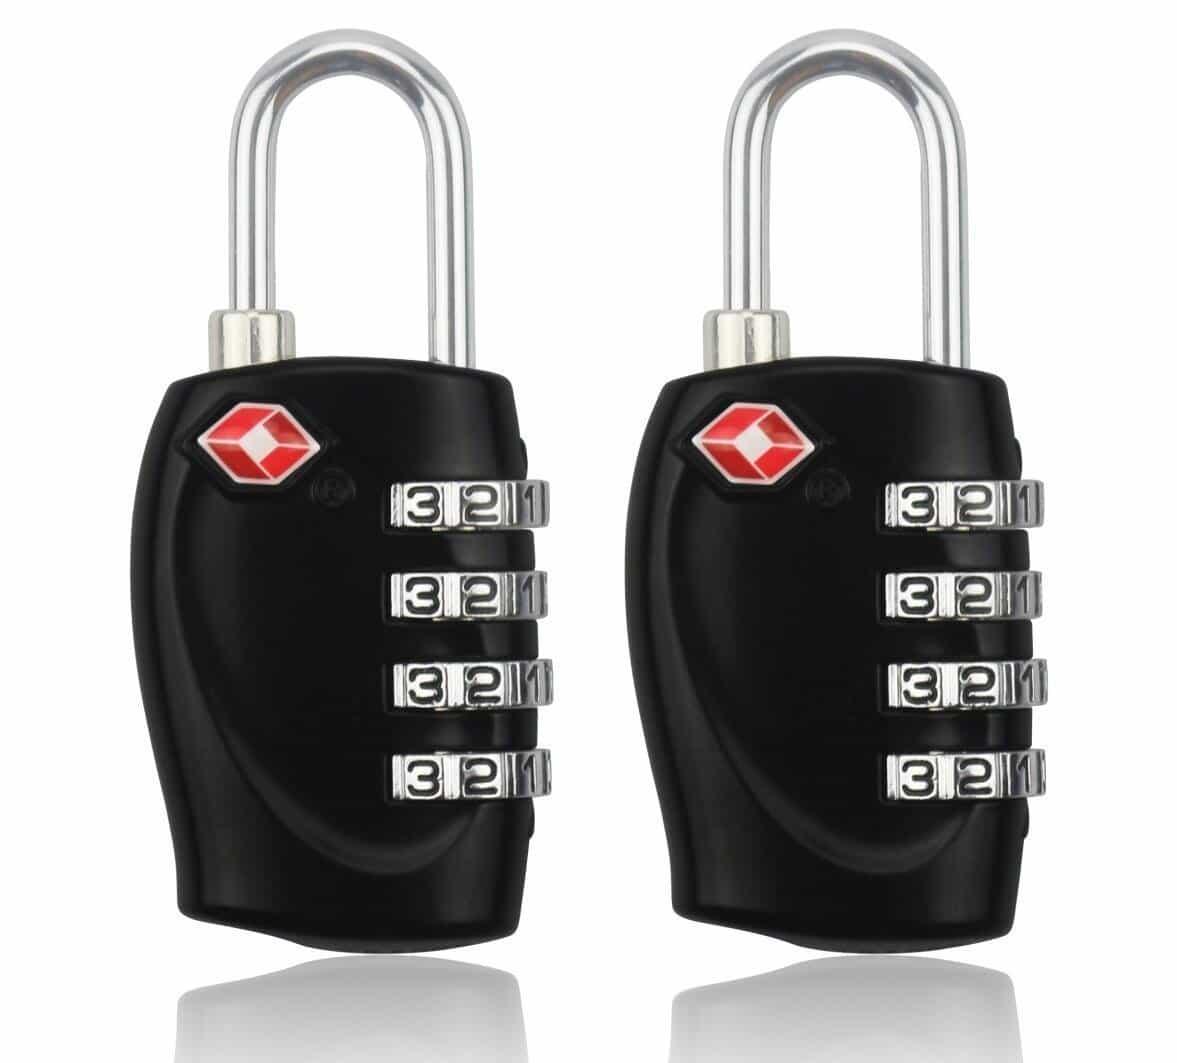 Cadenas de sécurité à combinaison de 4 chiffres